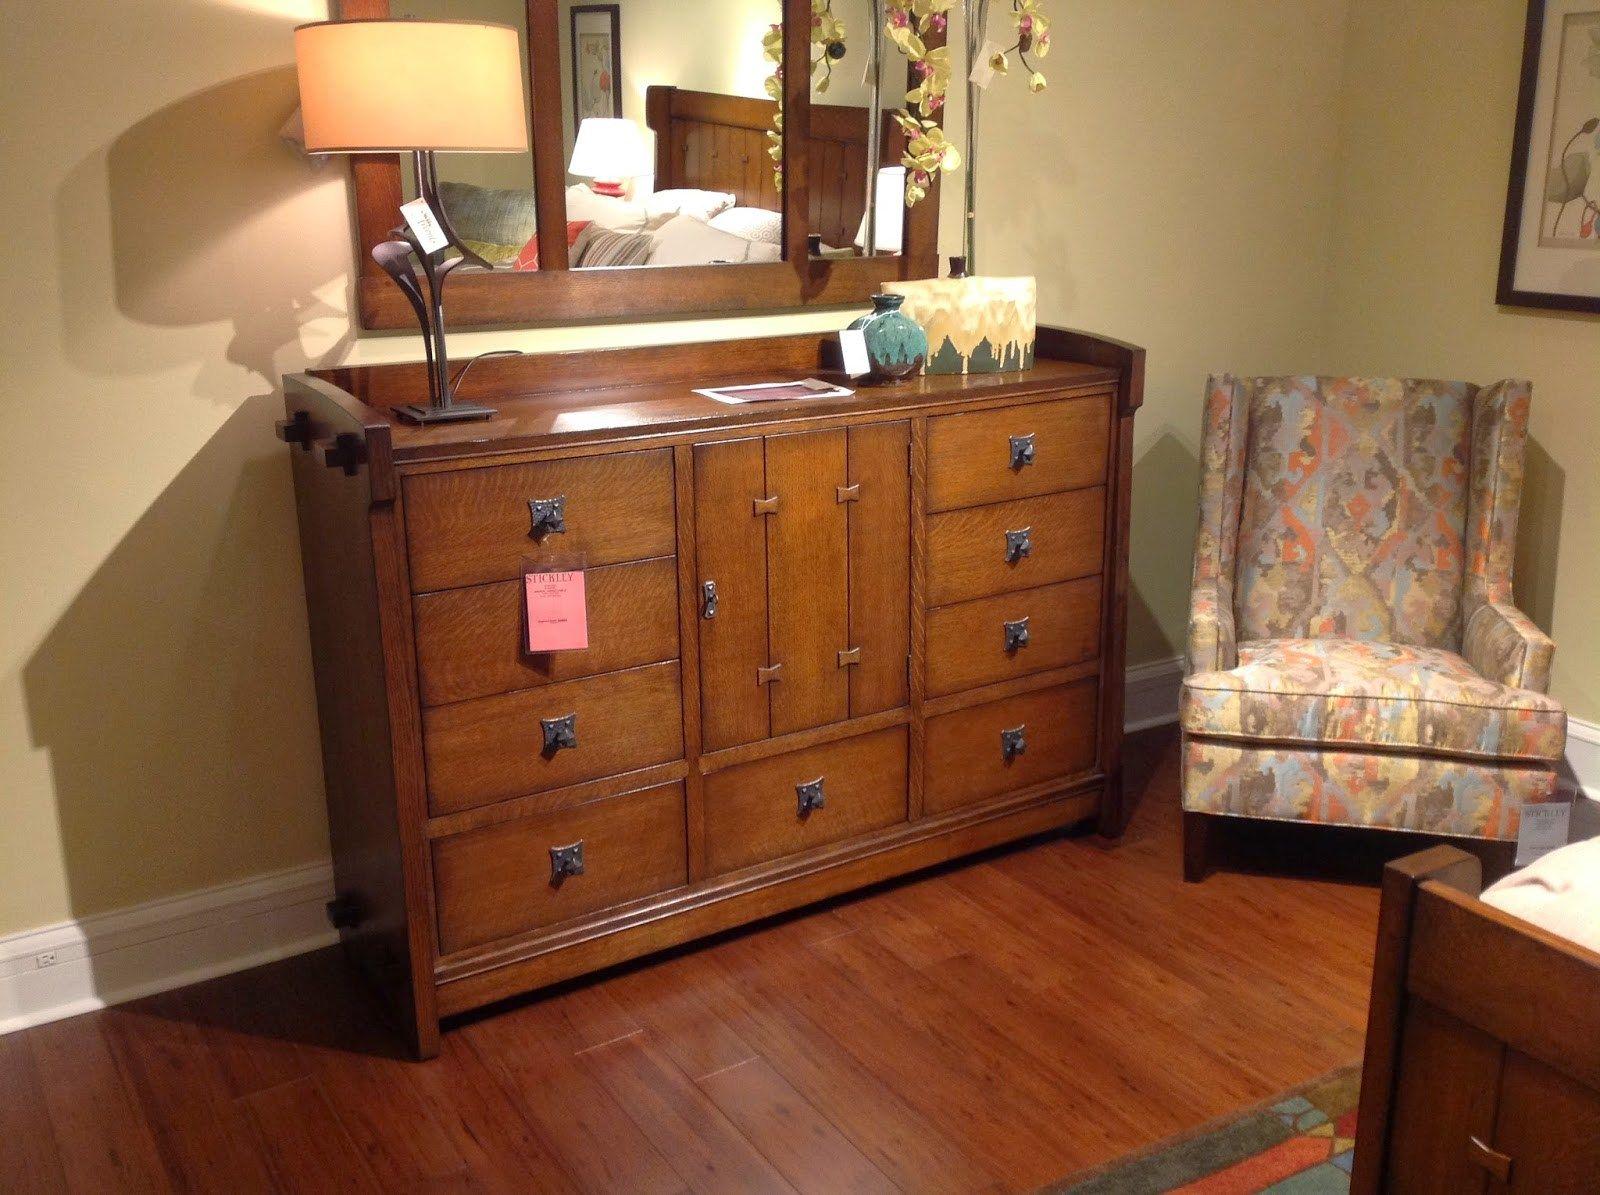 furniture stickley bedroom furniture home interior inside Stickley bedroom furniture 17 Best Quality of Stickley Bedroom Furniture